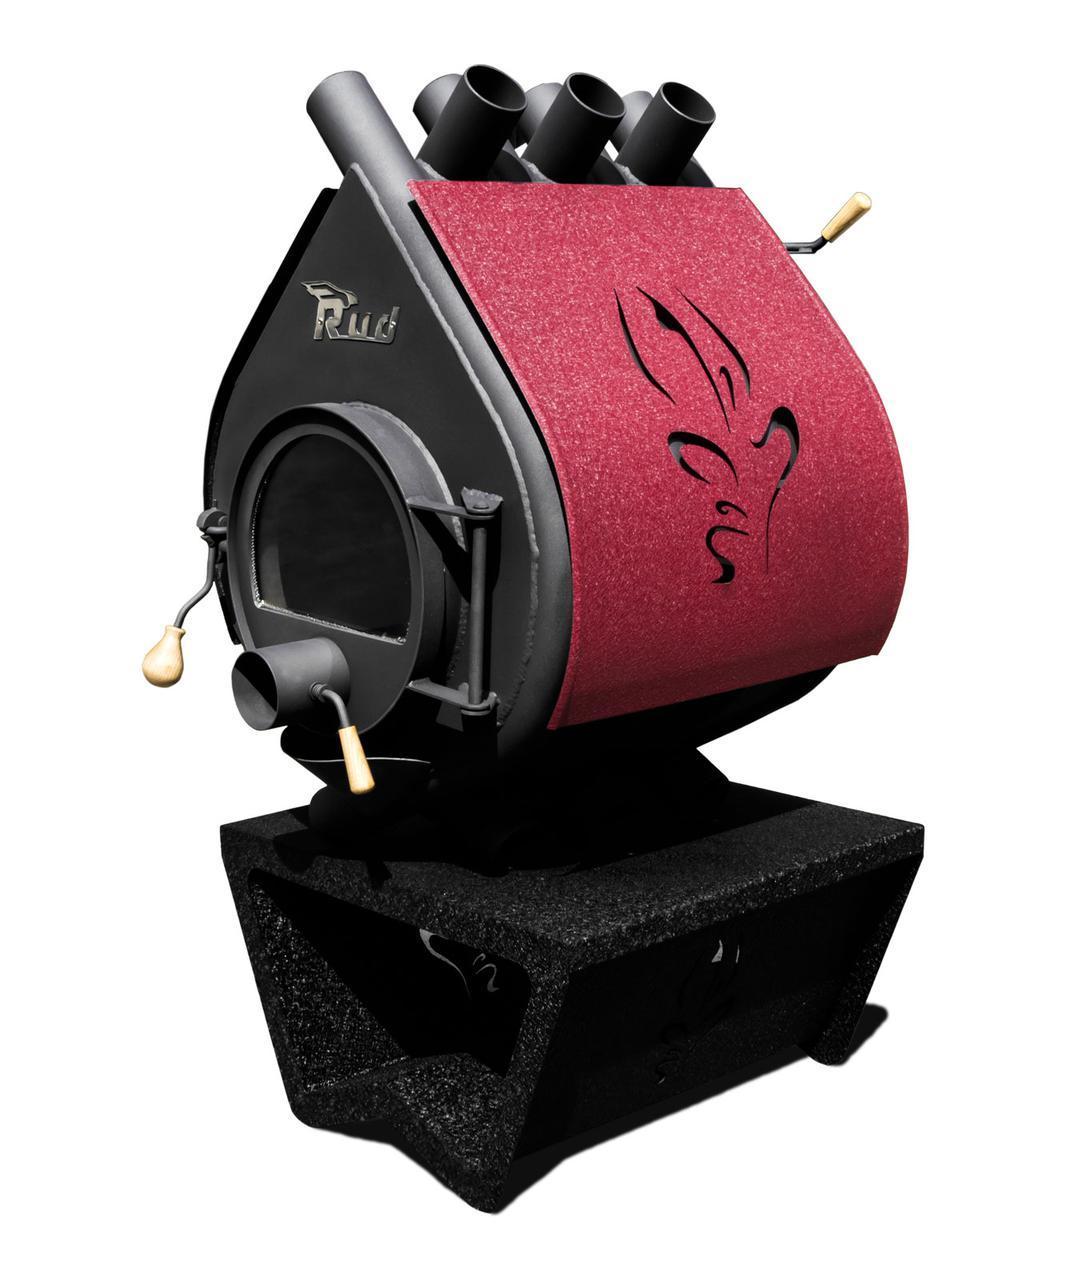 Отопительная конвекционная печь Rud Pyrotron Кантри 01 (для помещения 80 кв.м.) со стеклом и обшивкой